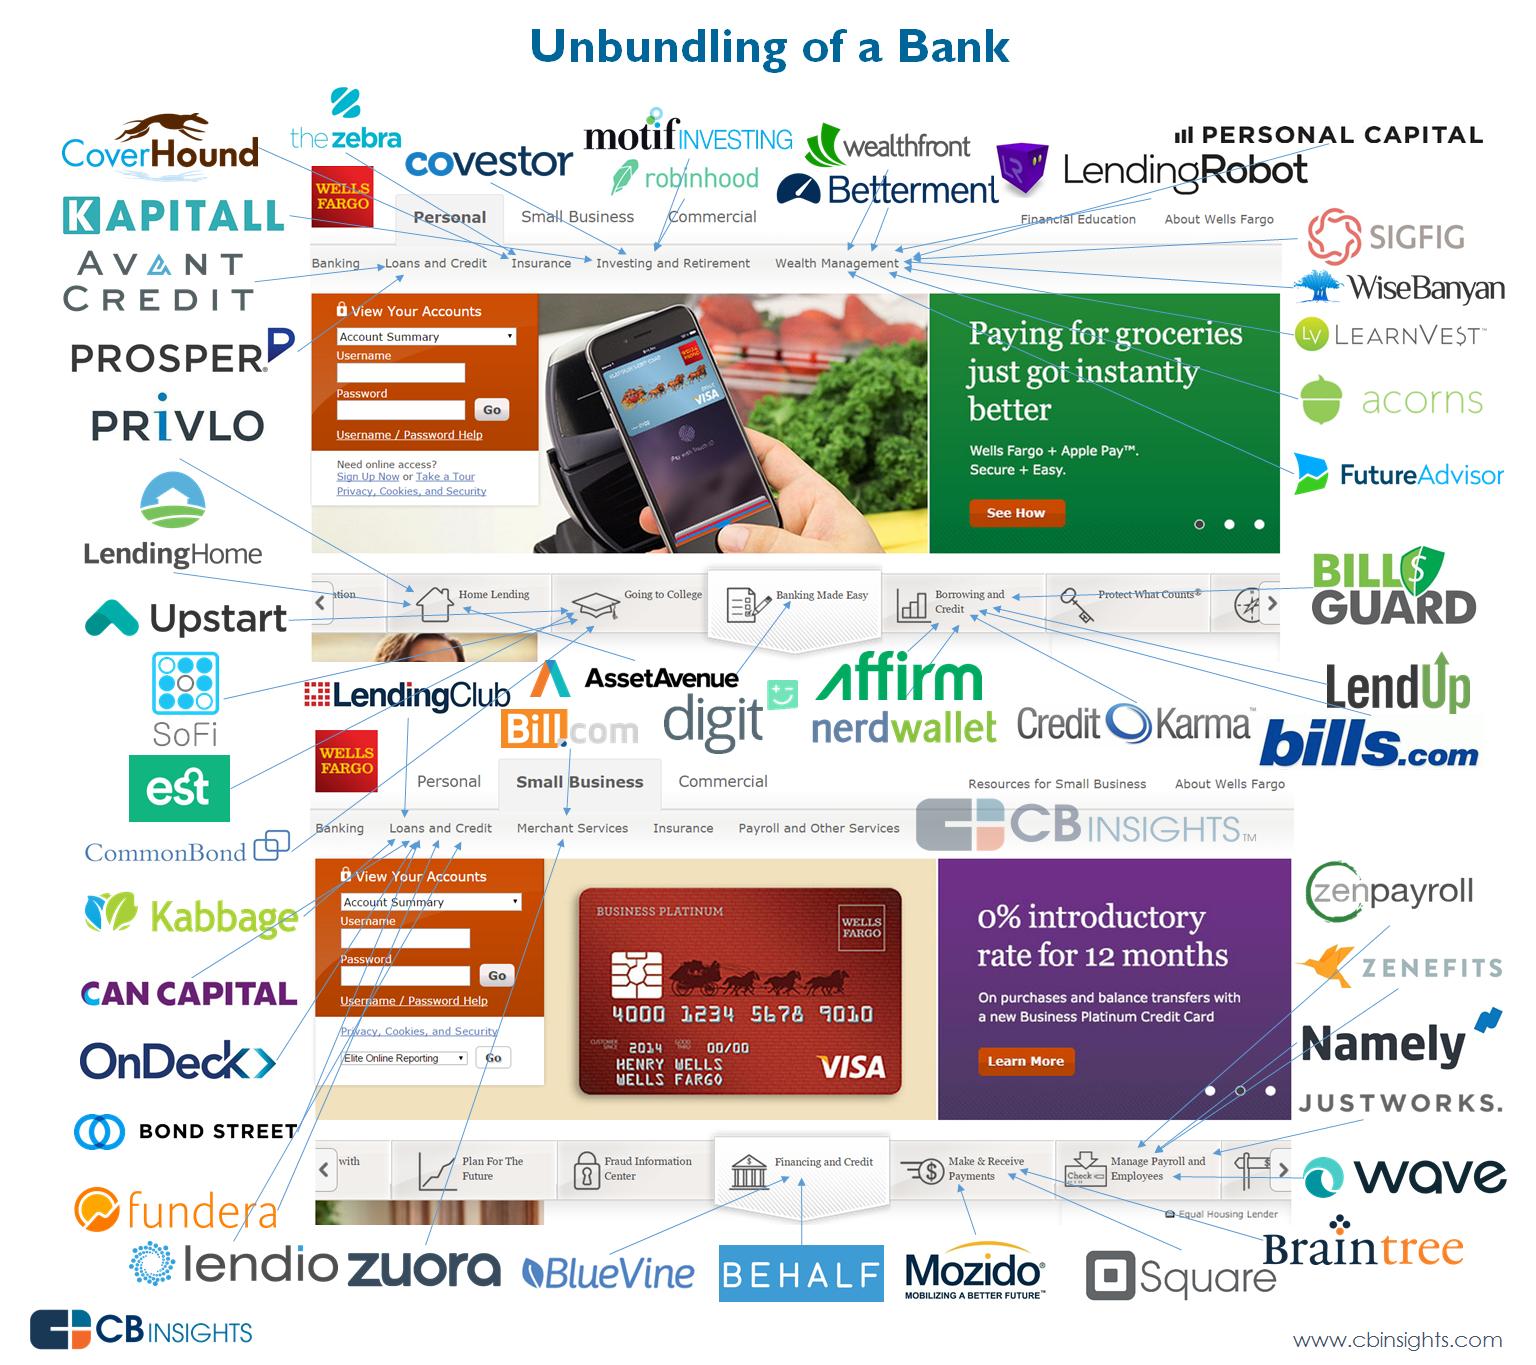 Unbundling-of-a-bank-V2 | Big Data | Financial apps